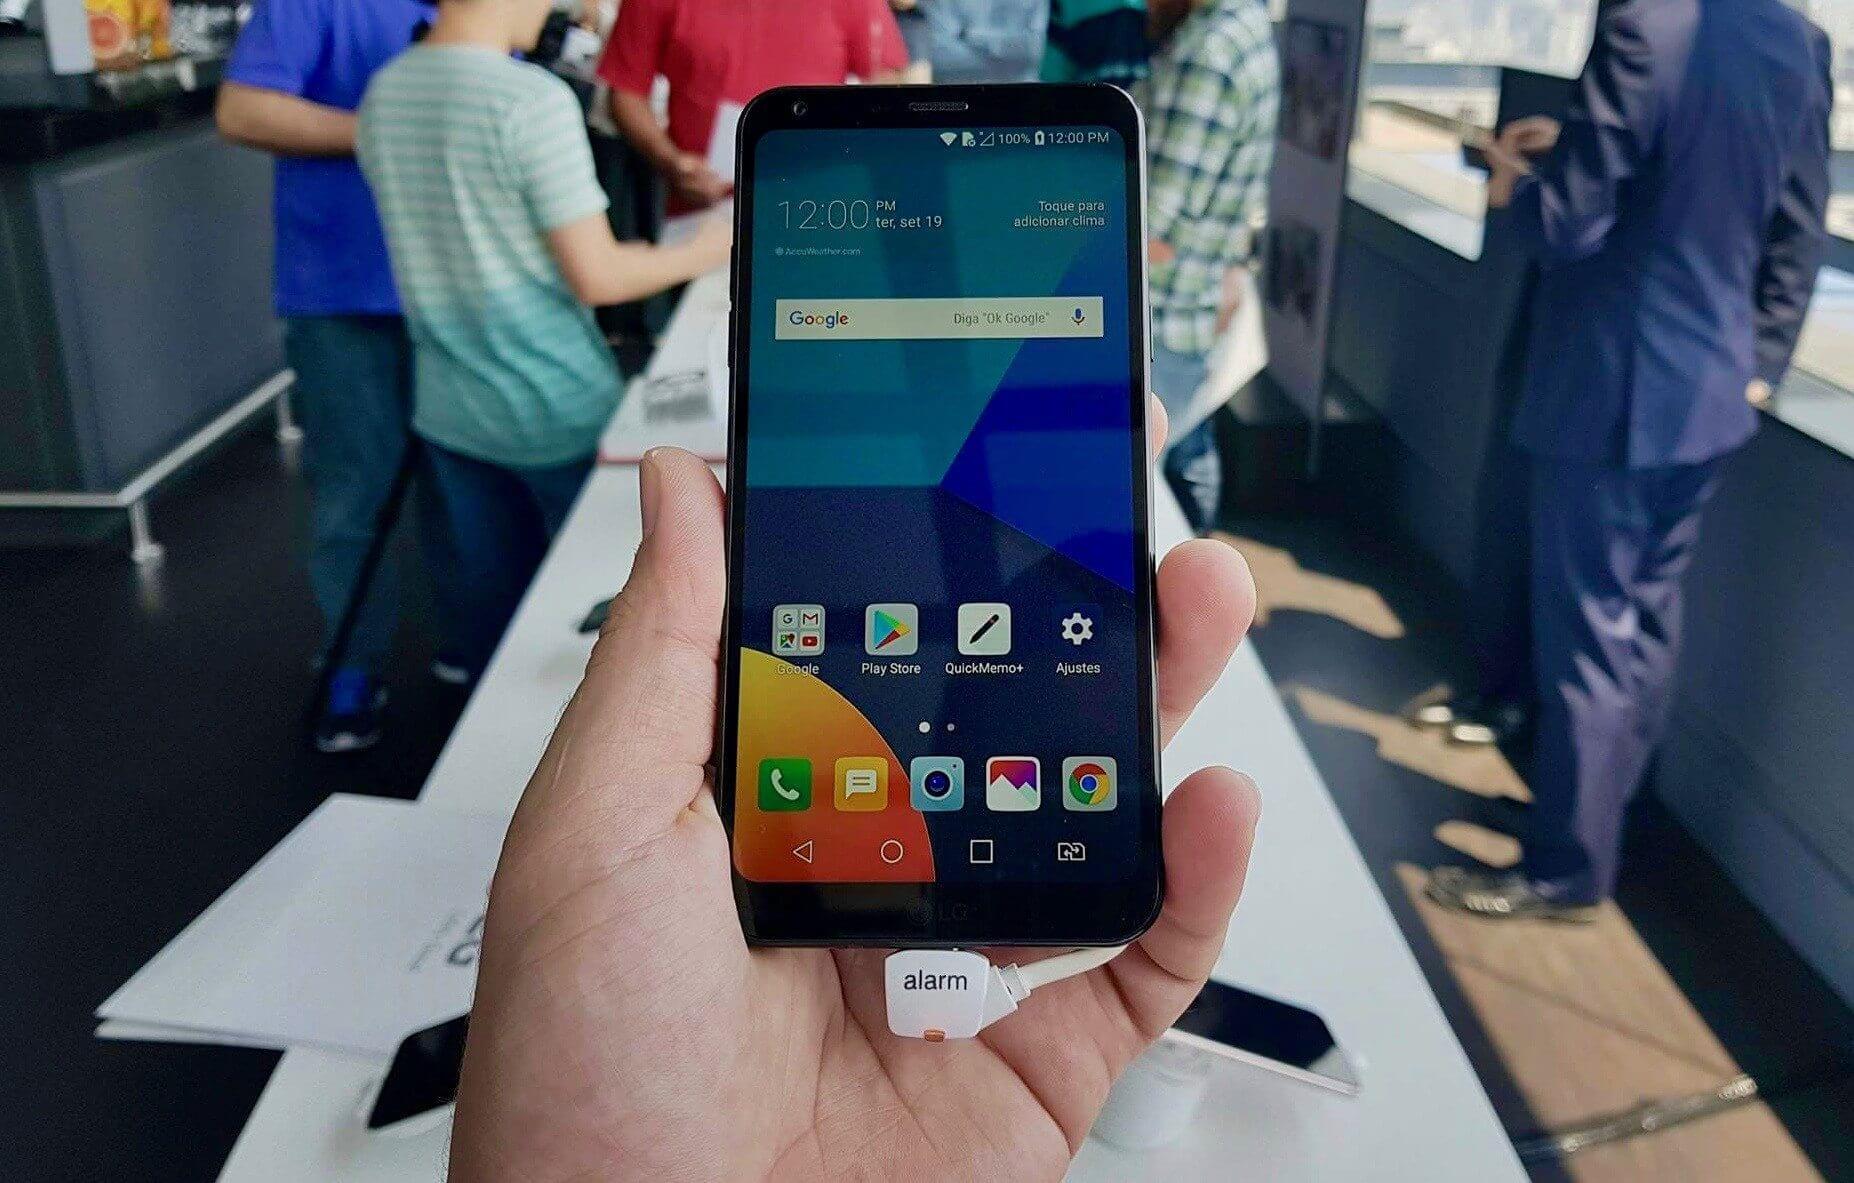 21886627 10208056778457316 1593159778 o - LG Q6 é o novo smartphone intermediário da LG com design premium